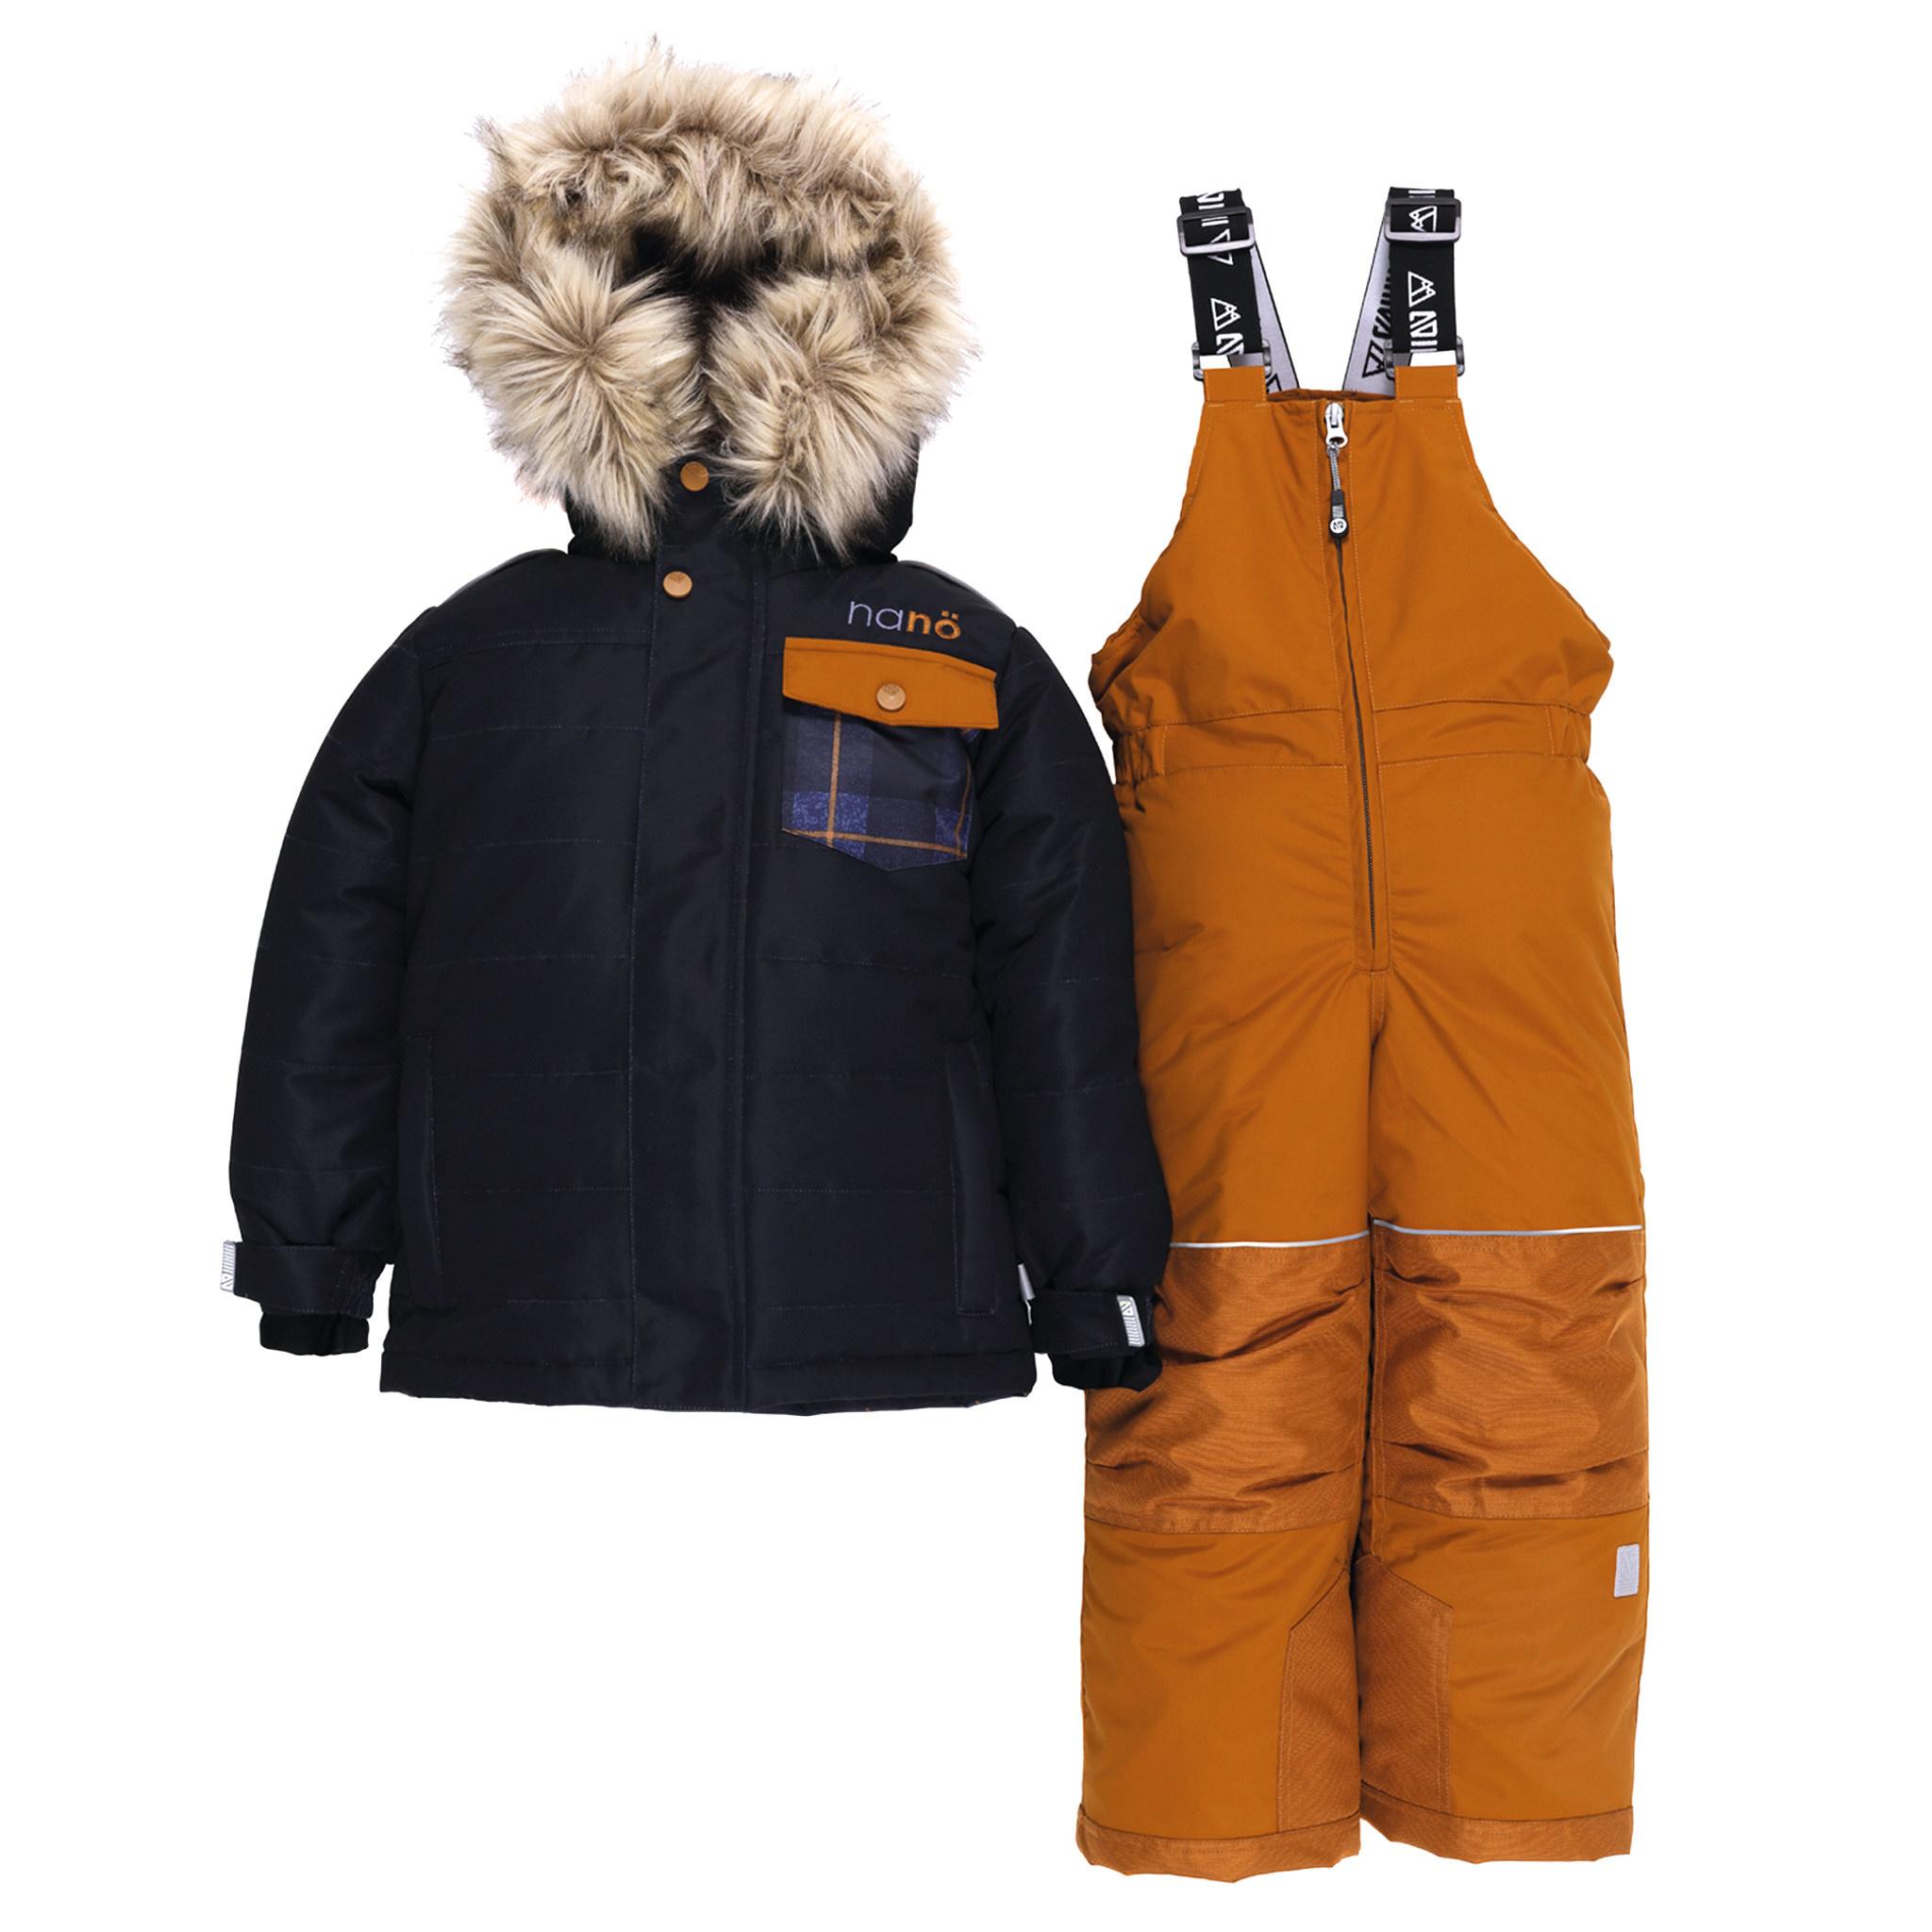 Habit de neige - Mont Cooper-2